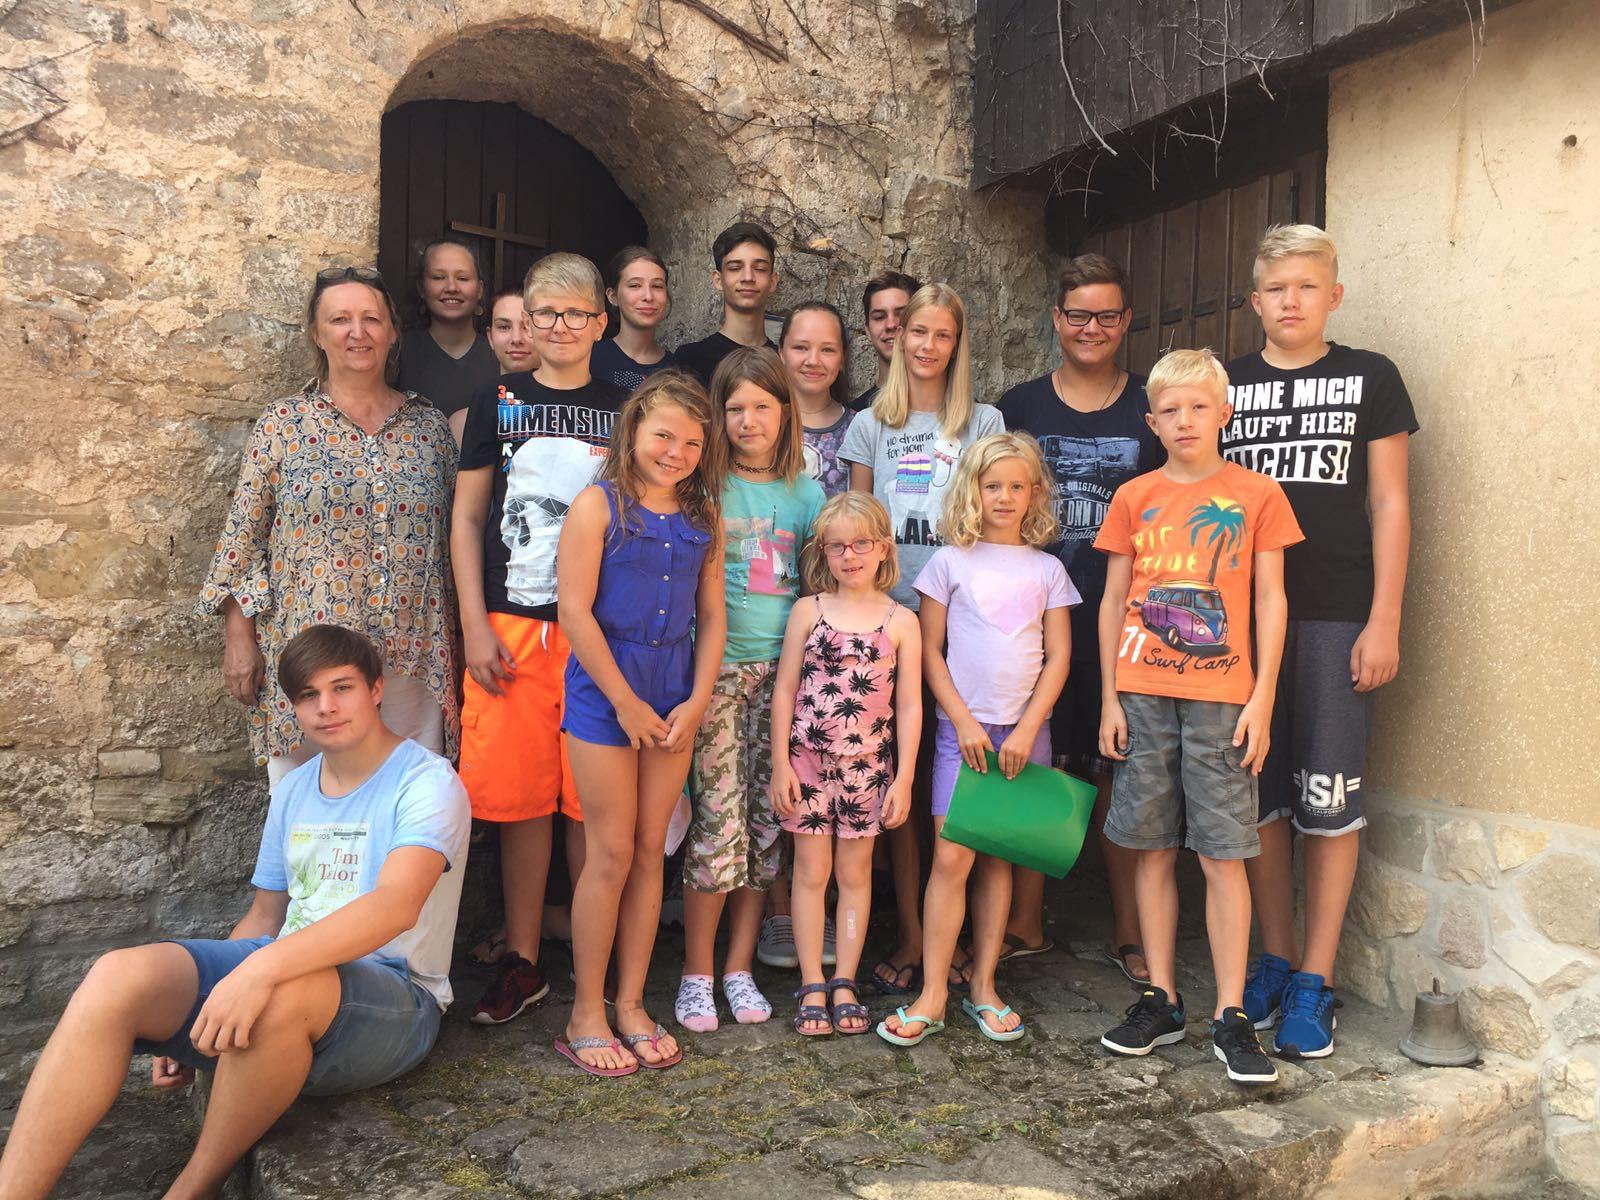 Gruppenfoto Kinderfreizeit 2018 in Niedertrebra